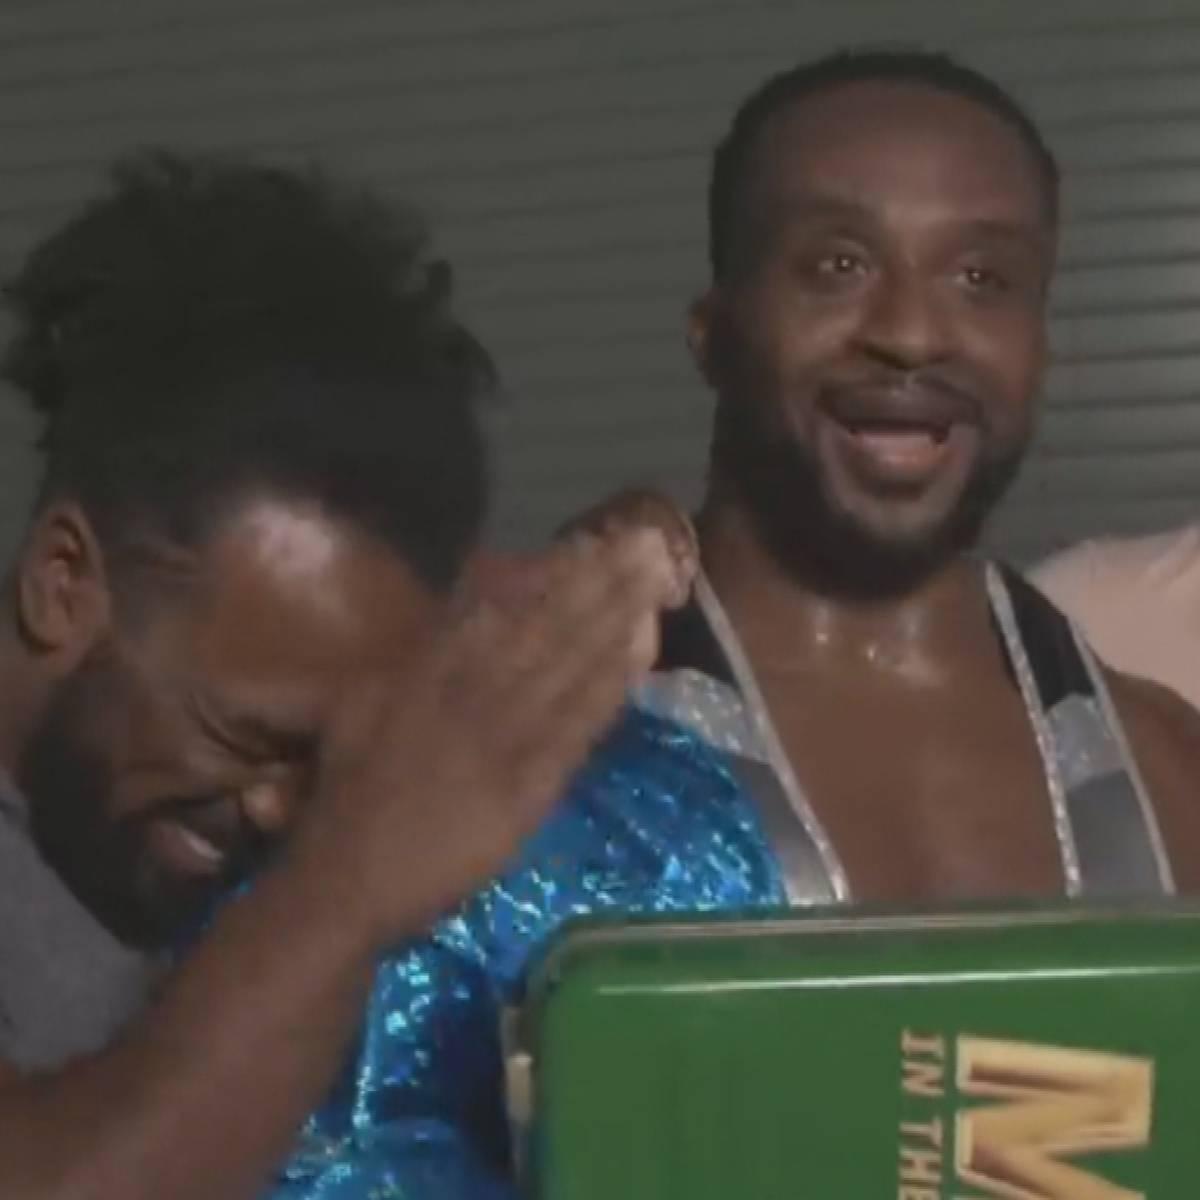 Emotionale Reunion nach großem WWE-Moment